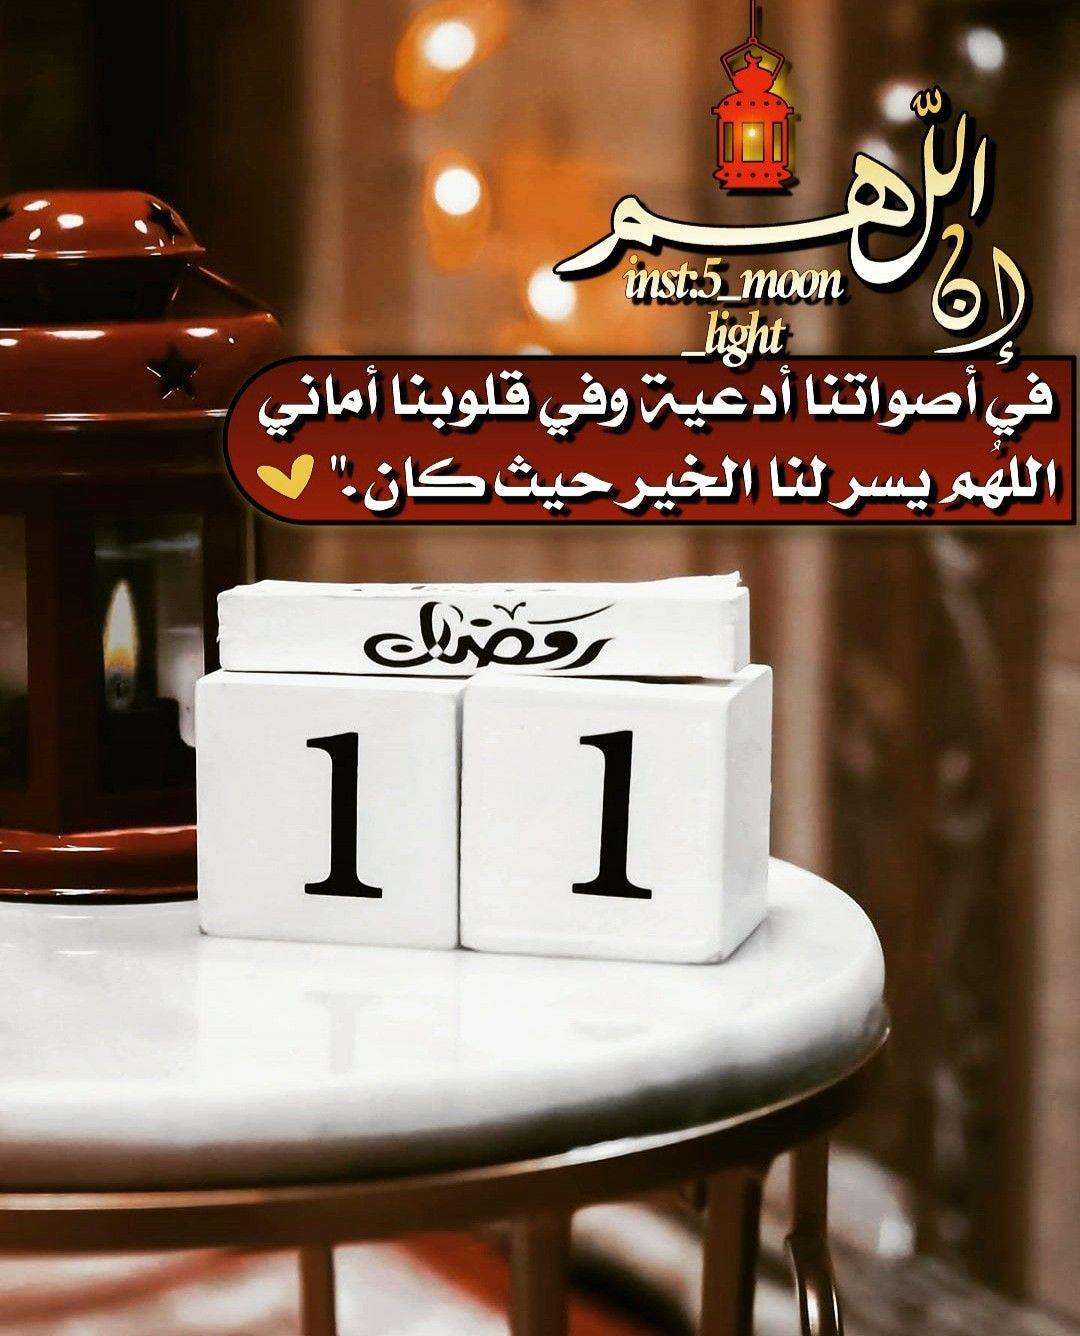 رمضان كريم رمضان يجمعنا اهلا رمضان اهلا رمضان تصميمي تصميم رمزيات رمزيات رمضان رمضان رمزيات Ramadan Day Ramadan Quotes Ramadan